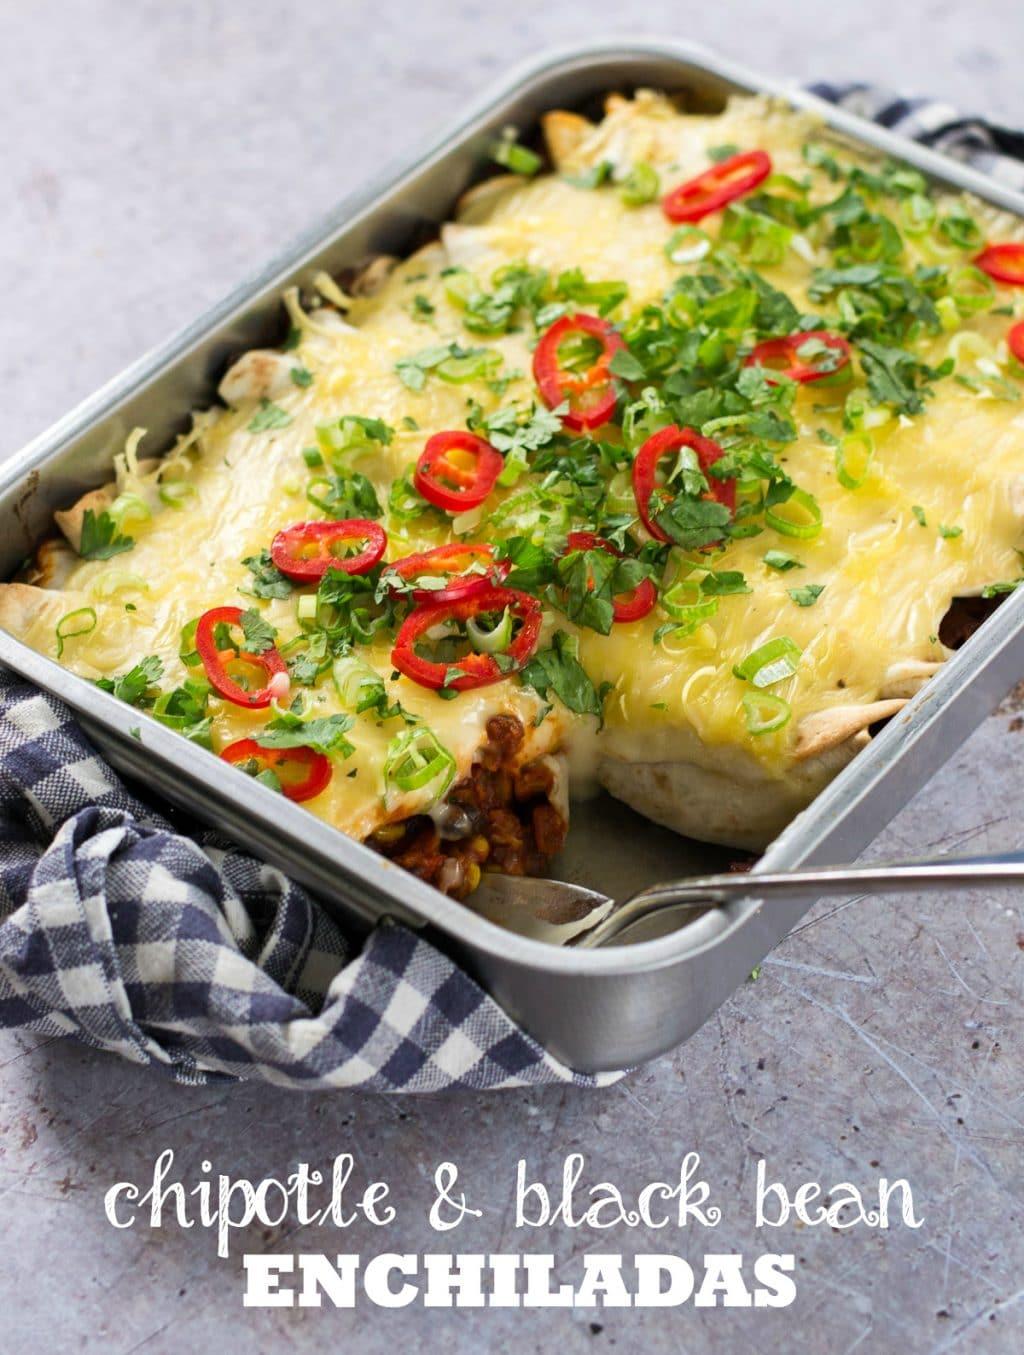 Easy Vegan Enchiladas The Veg Space Easy Vegan Recipes